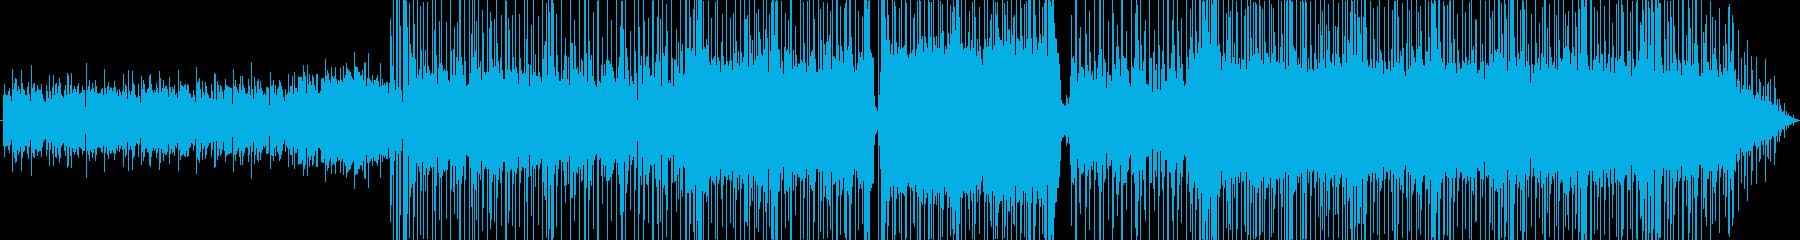 背景をポップします。ロックギターリフの再生済みの波形